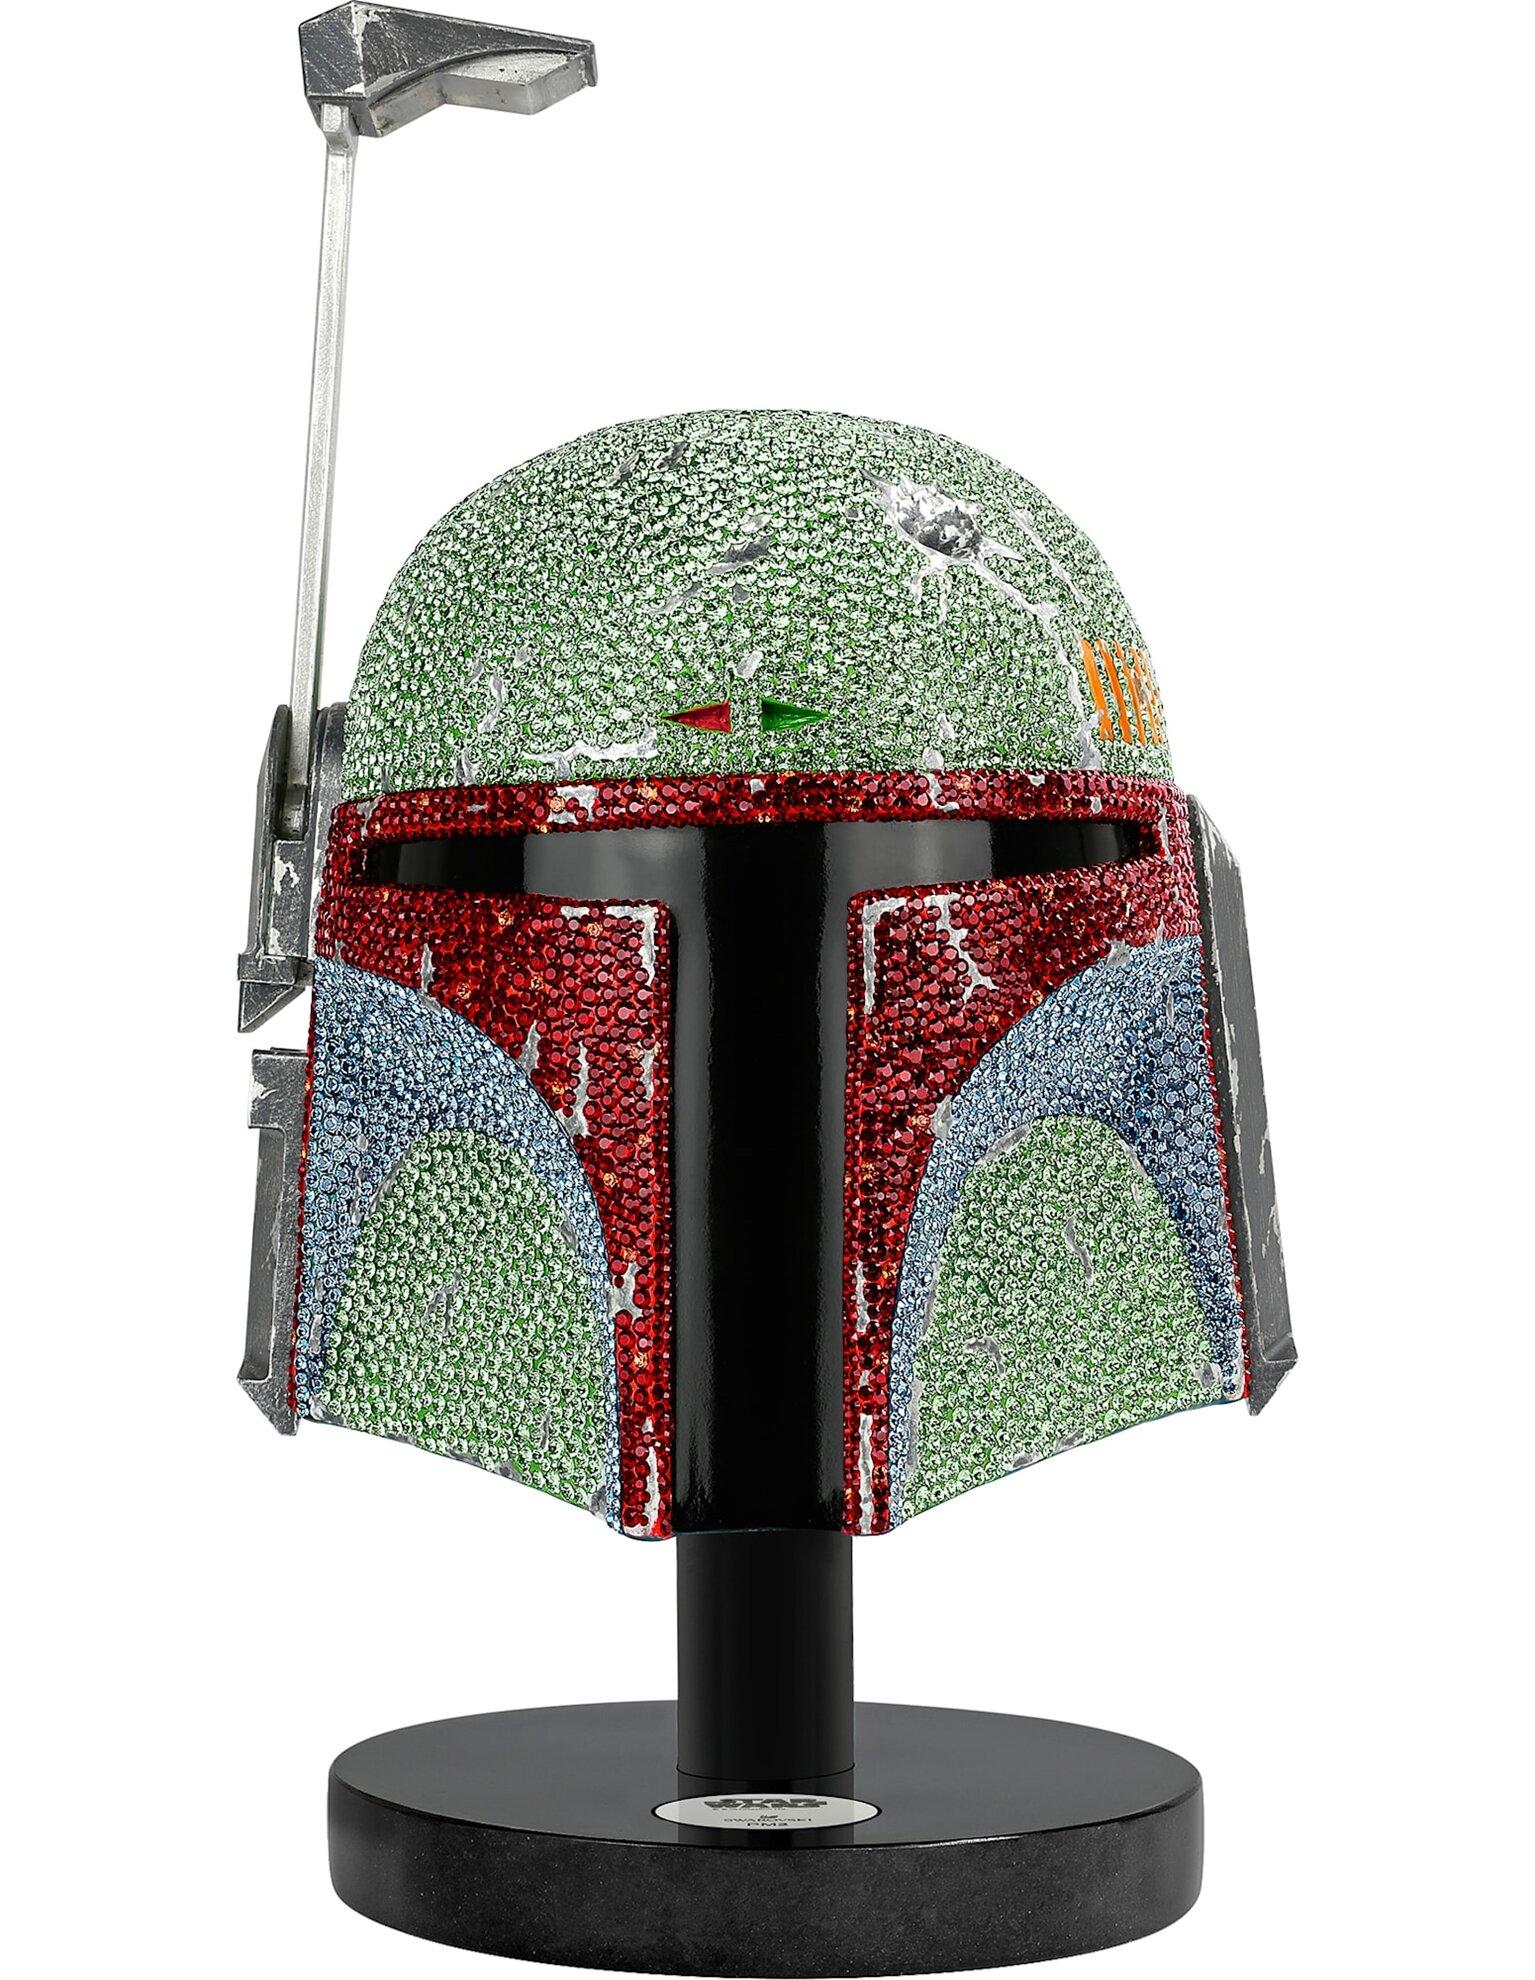 Picture of Star Wars – Boba Fett Kask, Sınırlı Üretim